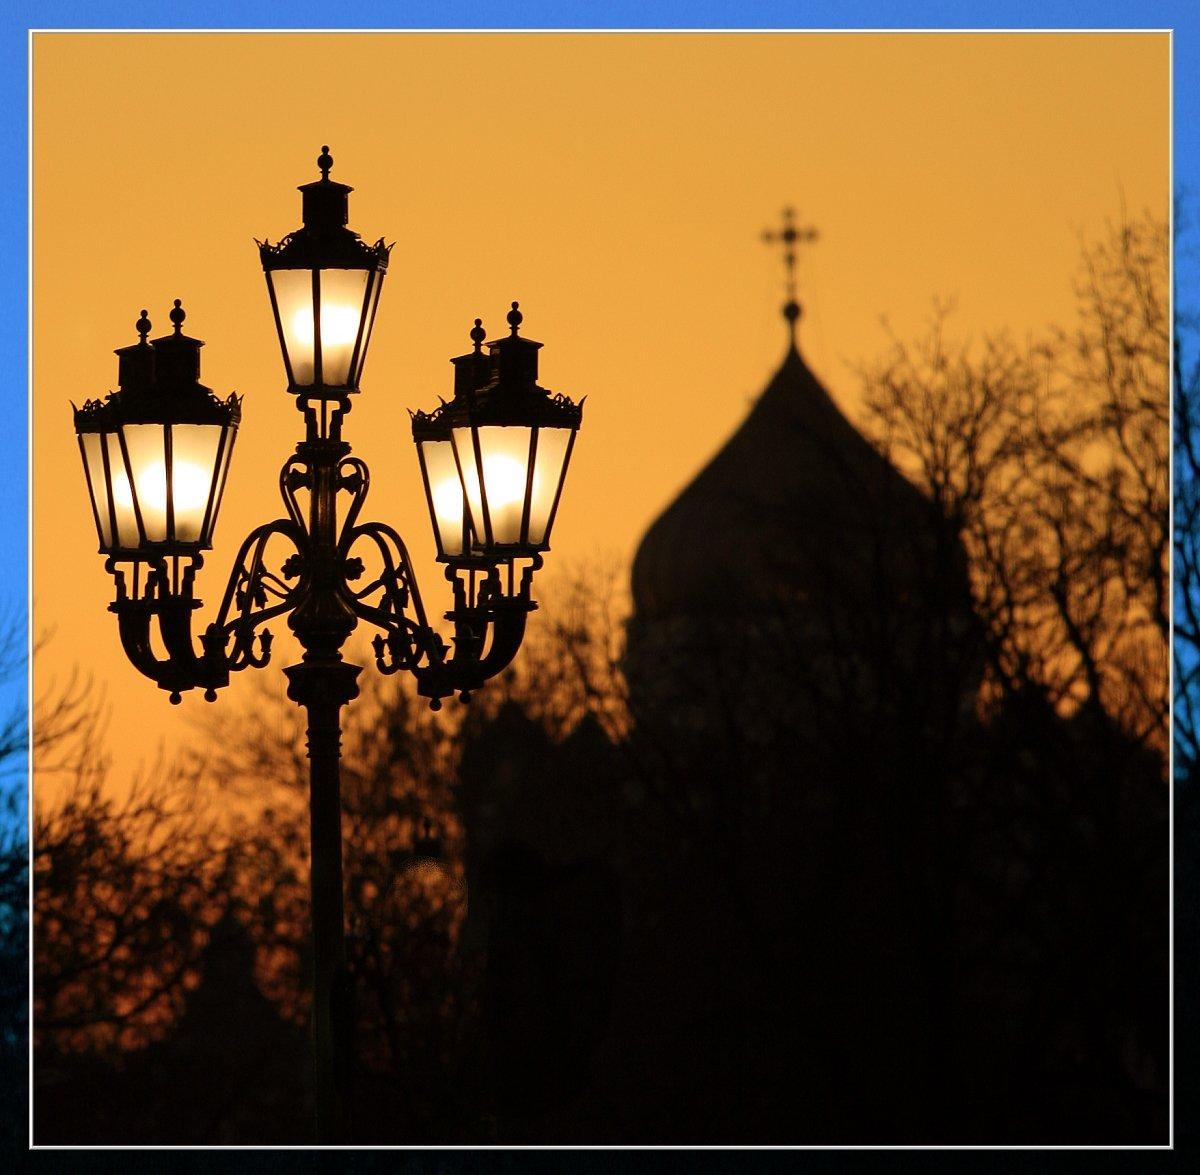 мама, картинки фонарь ночью вставки